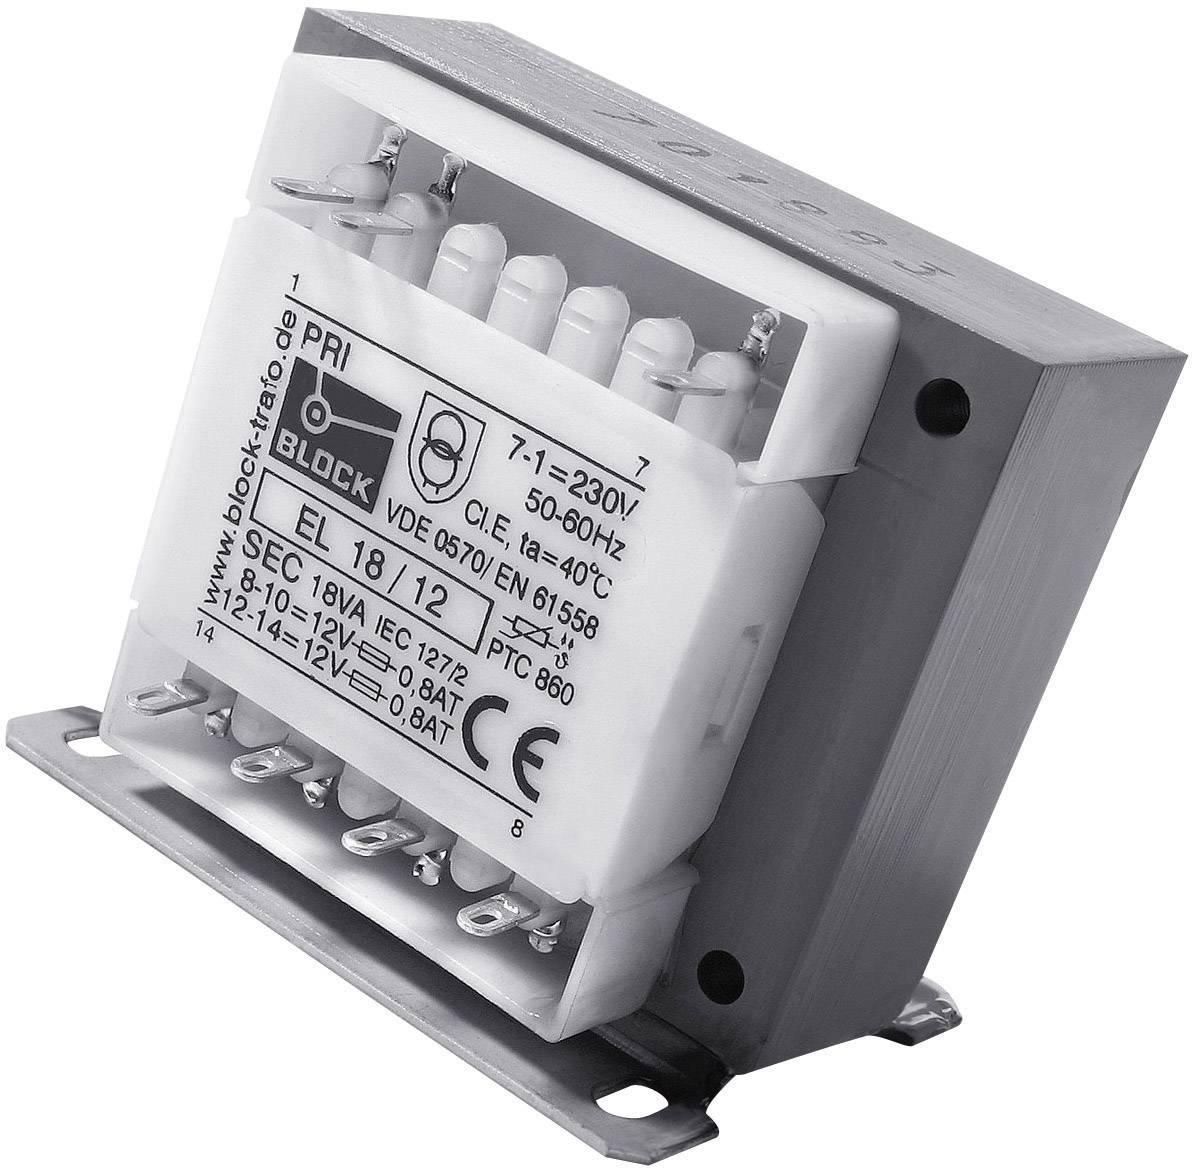 Riadiaci transformátor, izolačný transformátor, bezpečnostný transformátor Block EL 100/15, 100 VA